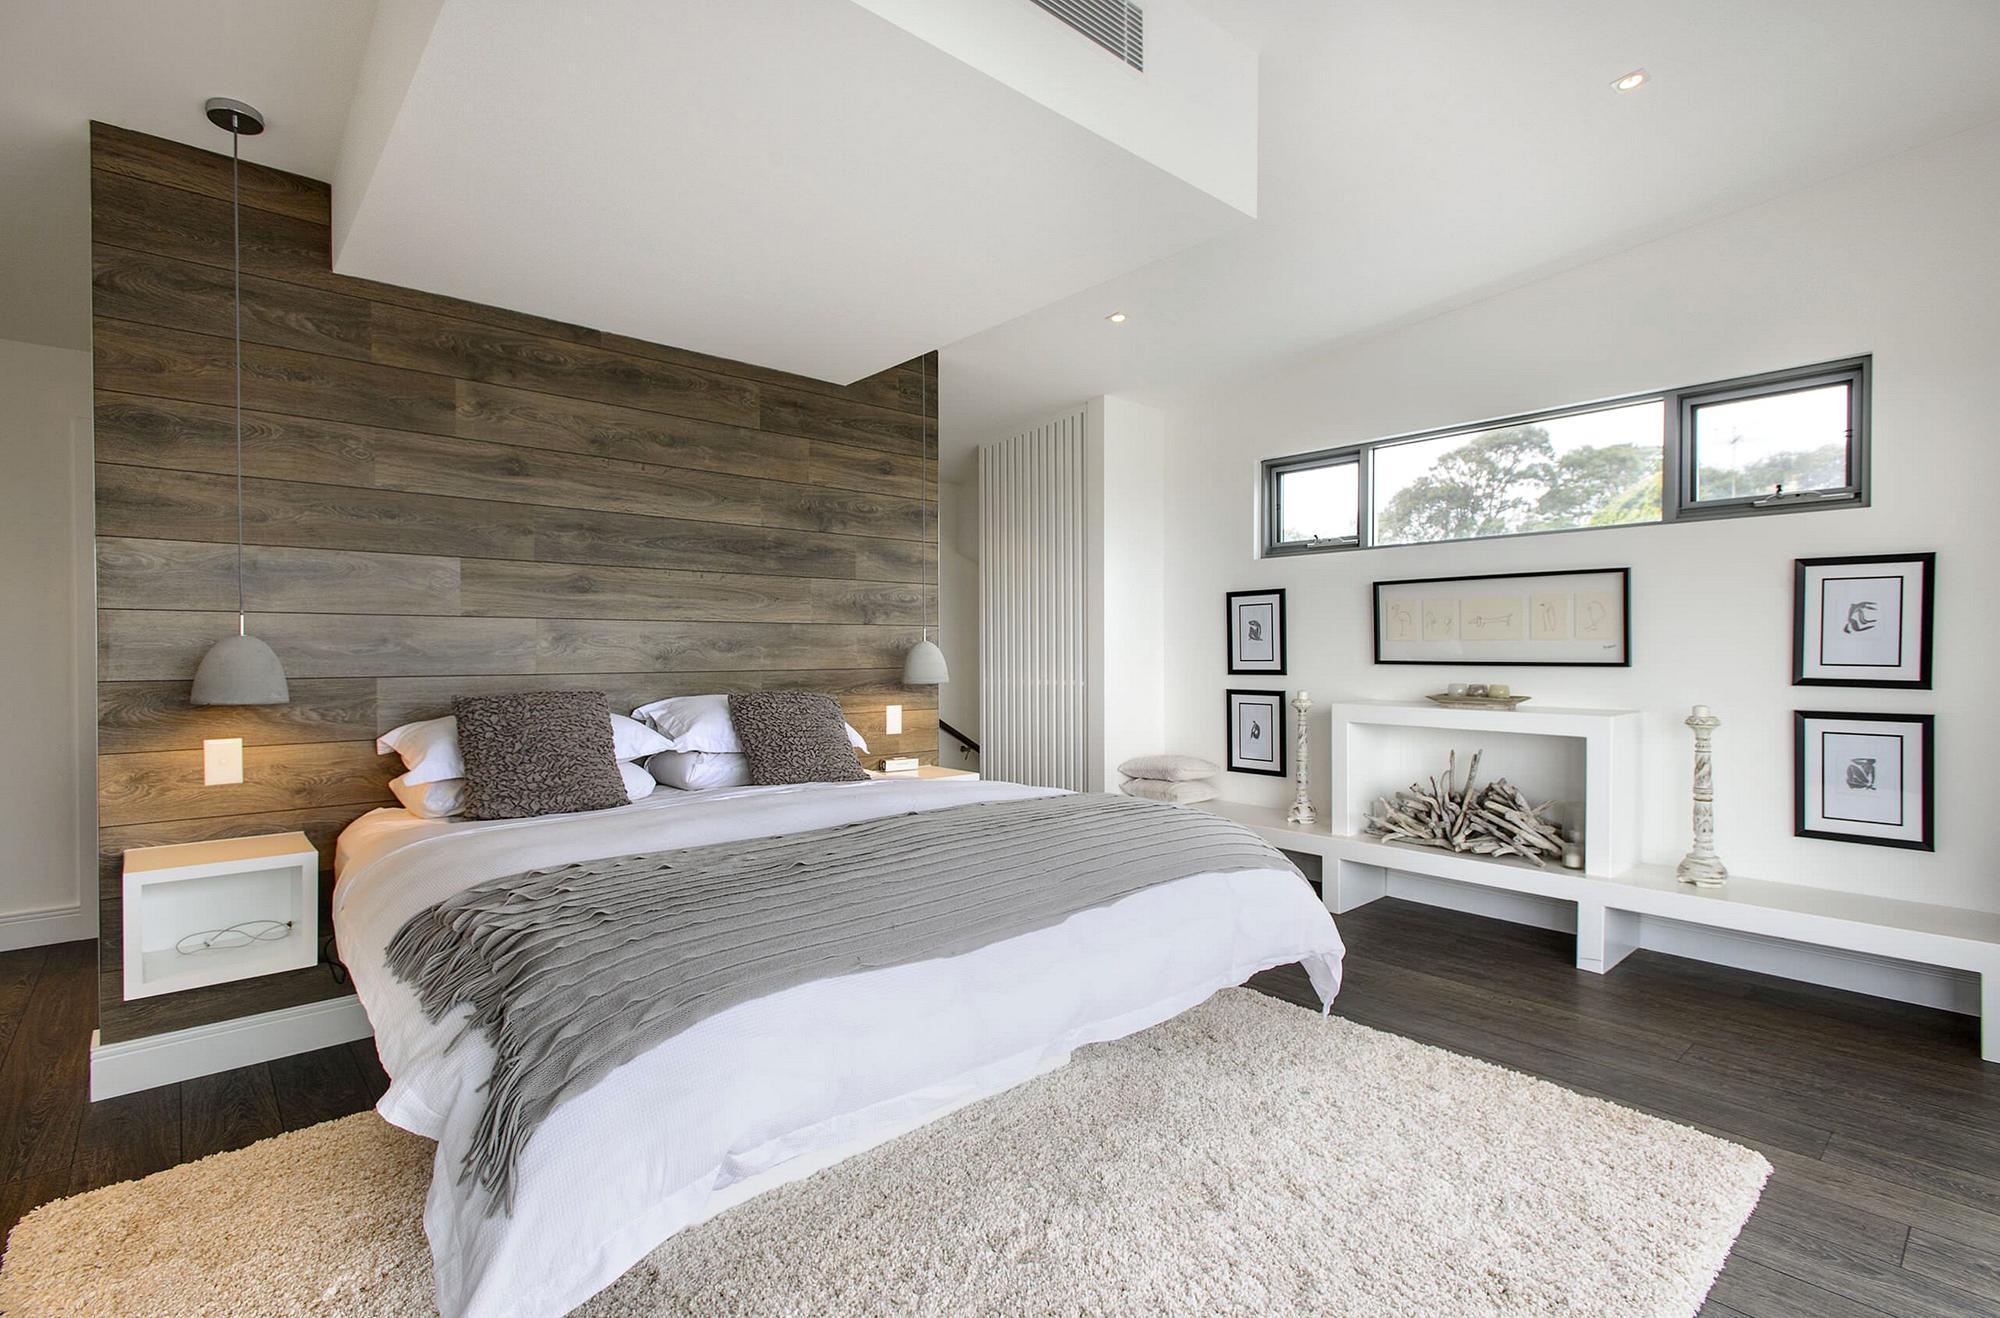 Белый, бежевый, серый и коричневый цвета в интерьере современной спальни